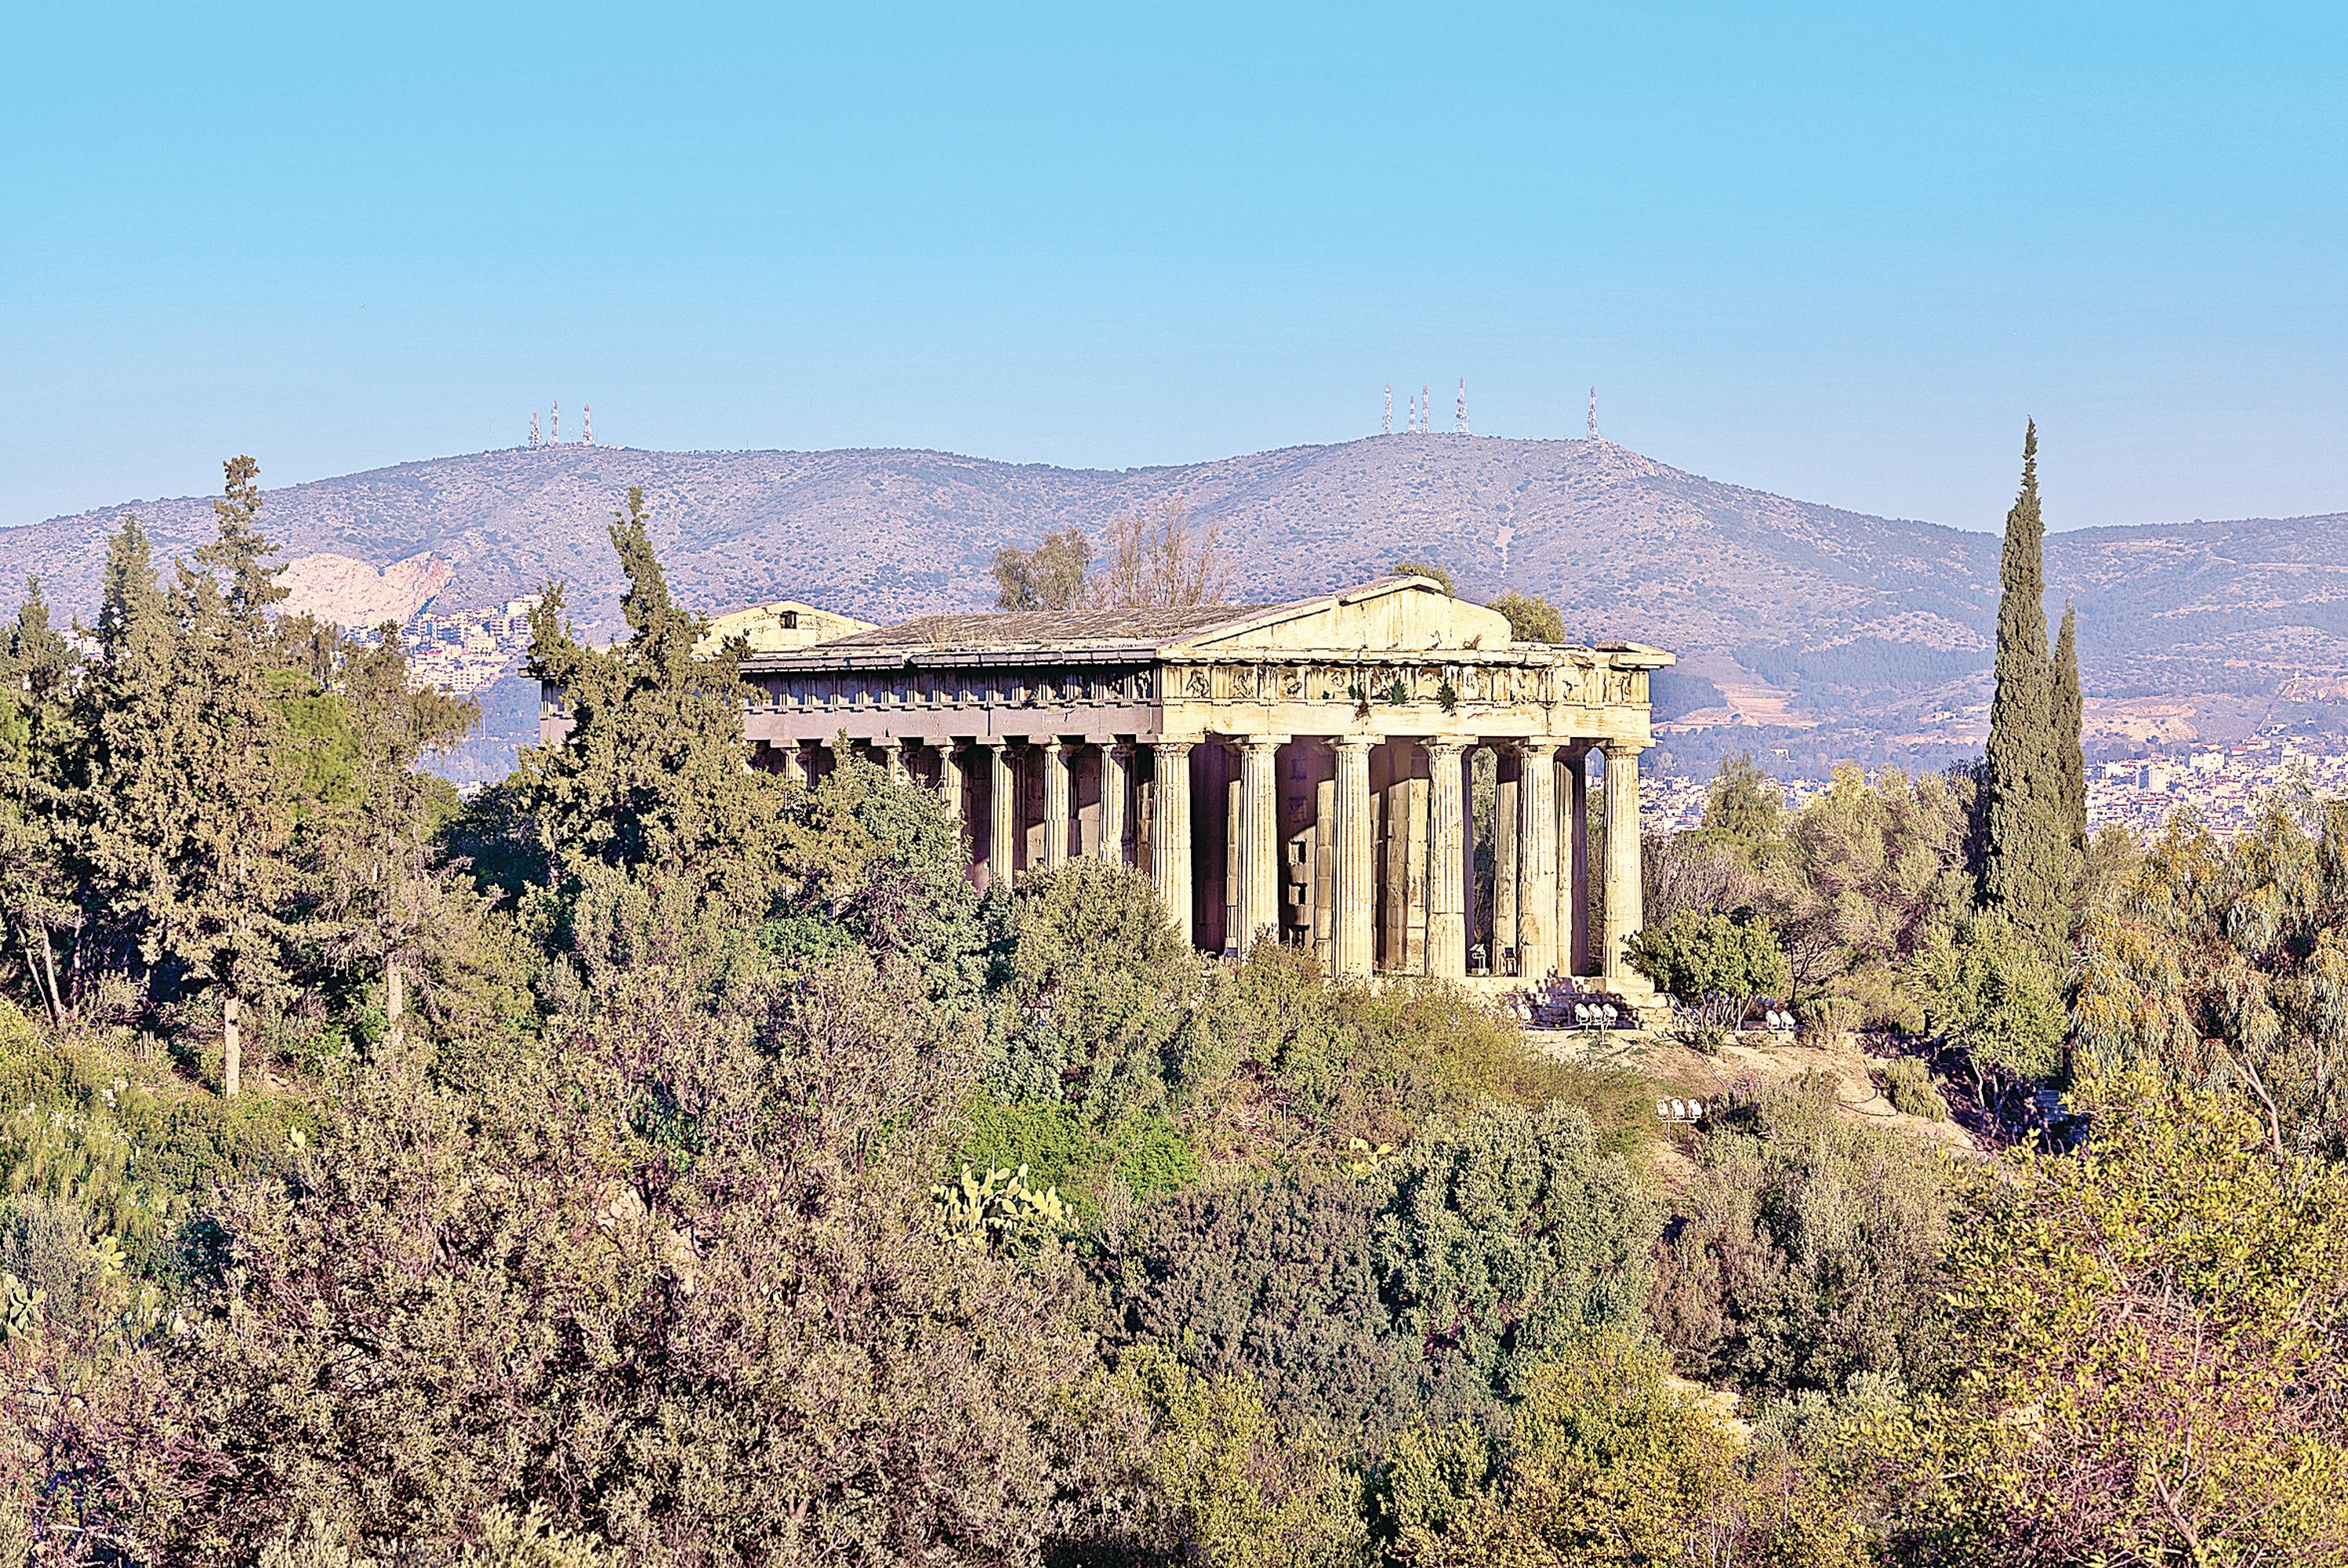 雅典建築——衛城Acropolis之外(一)